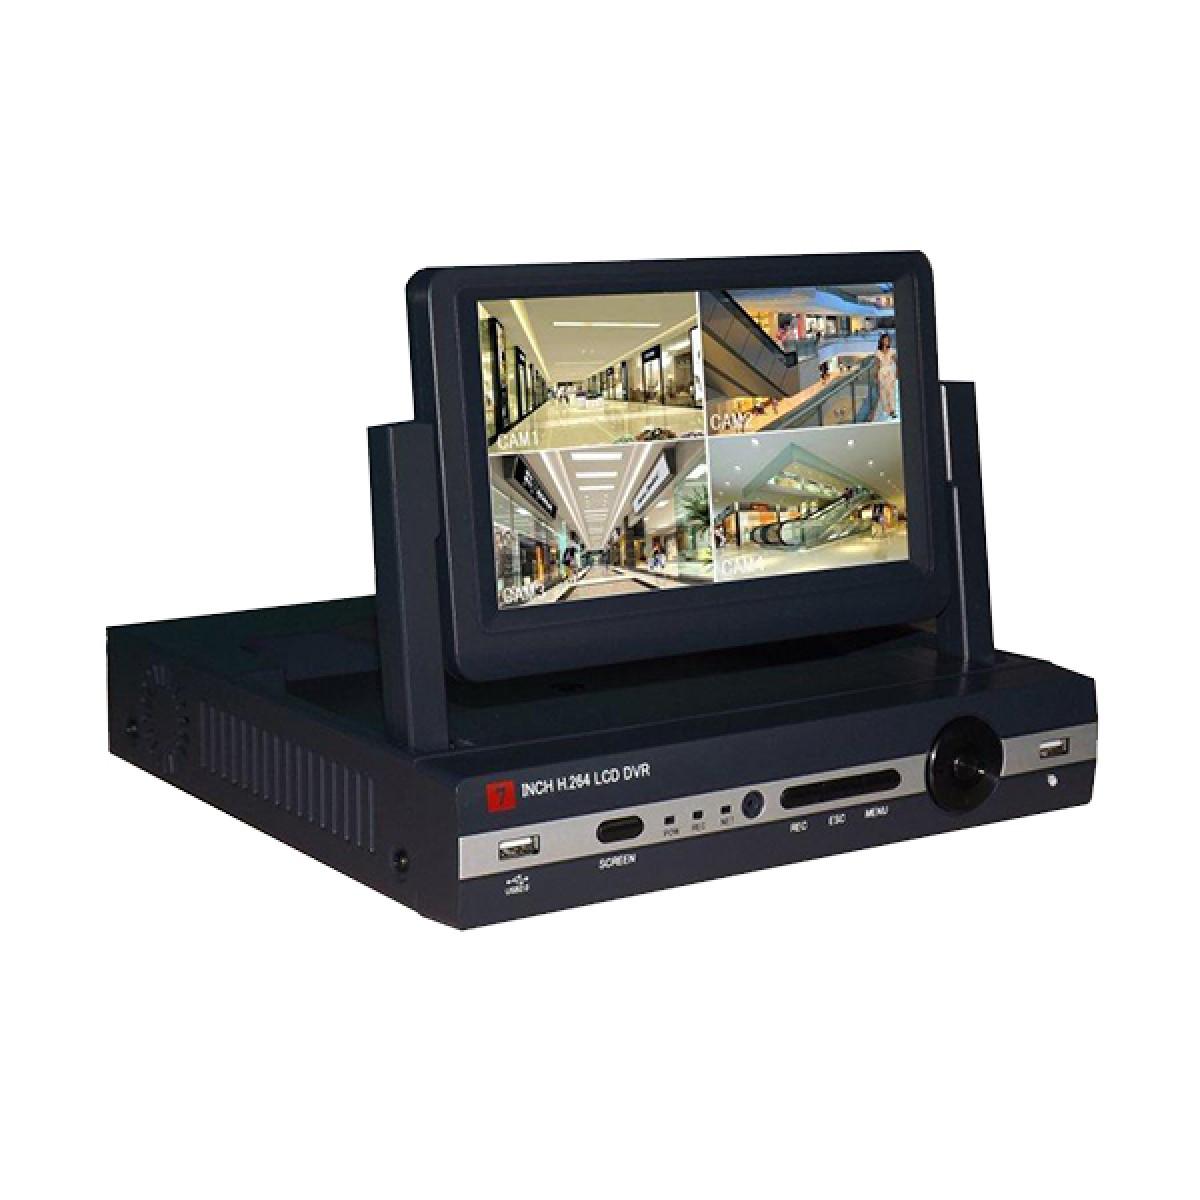 Σετ κλειστού κυκλώματος με Καταγραφικό με οθόνη 7'' και 4 Κάμερες HD NVR -OEM